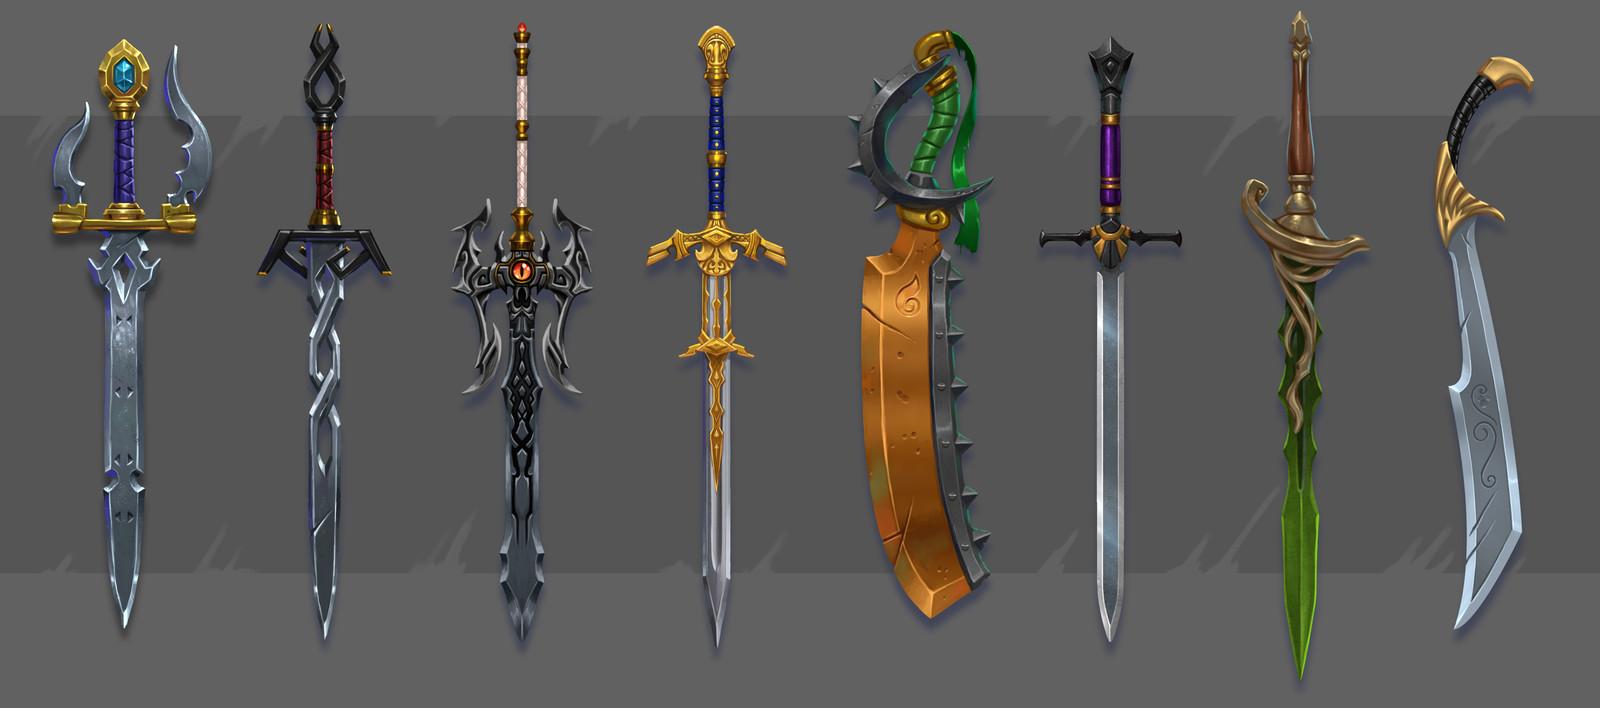 Sheet of swords